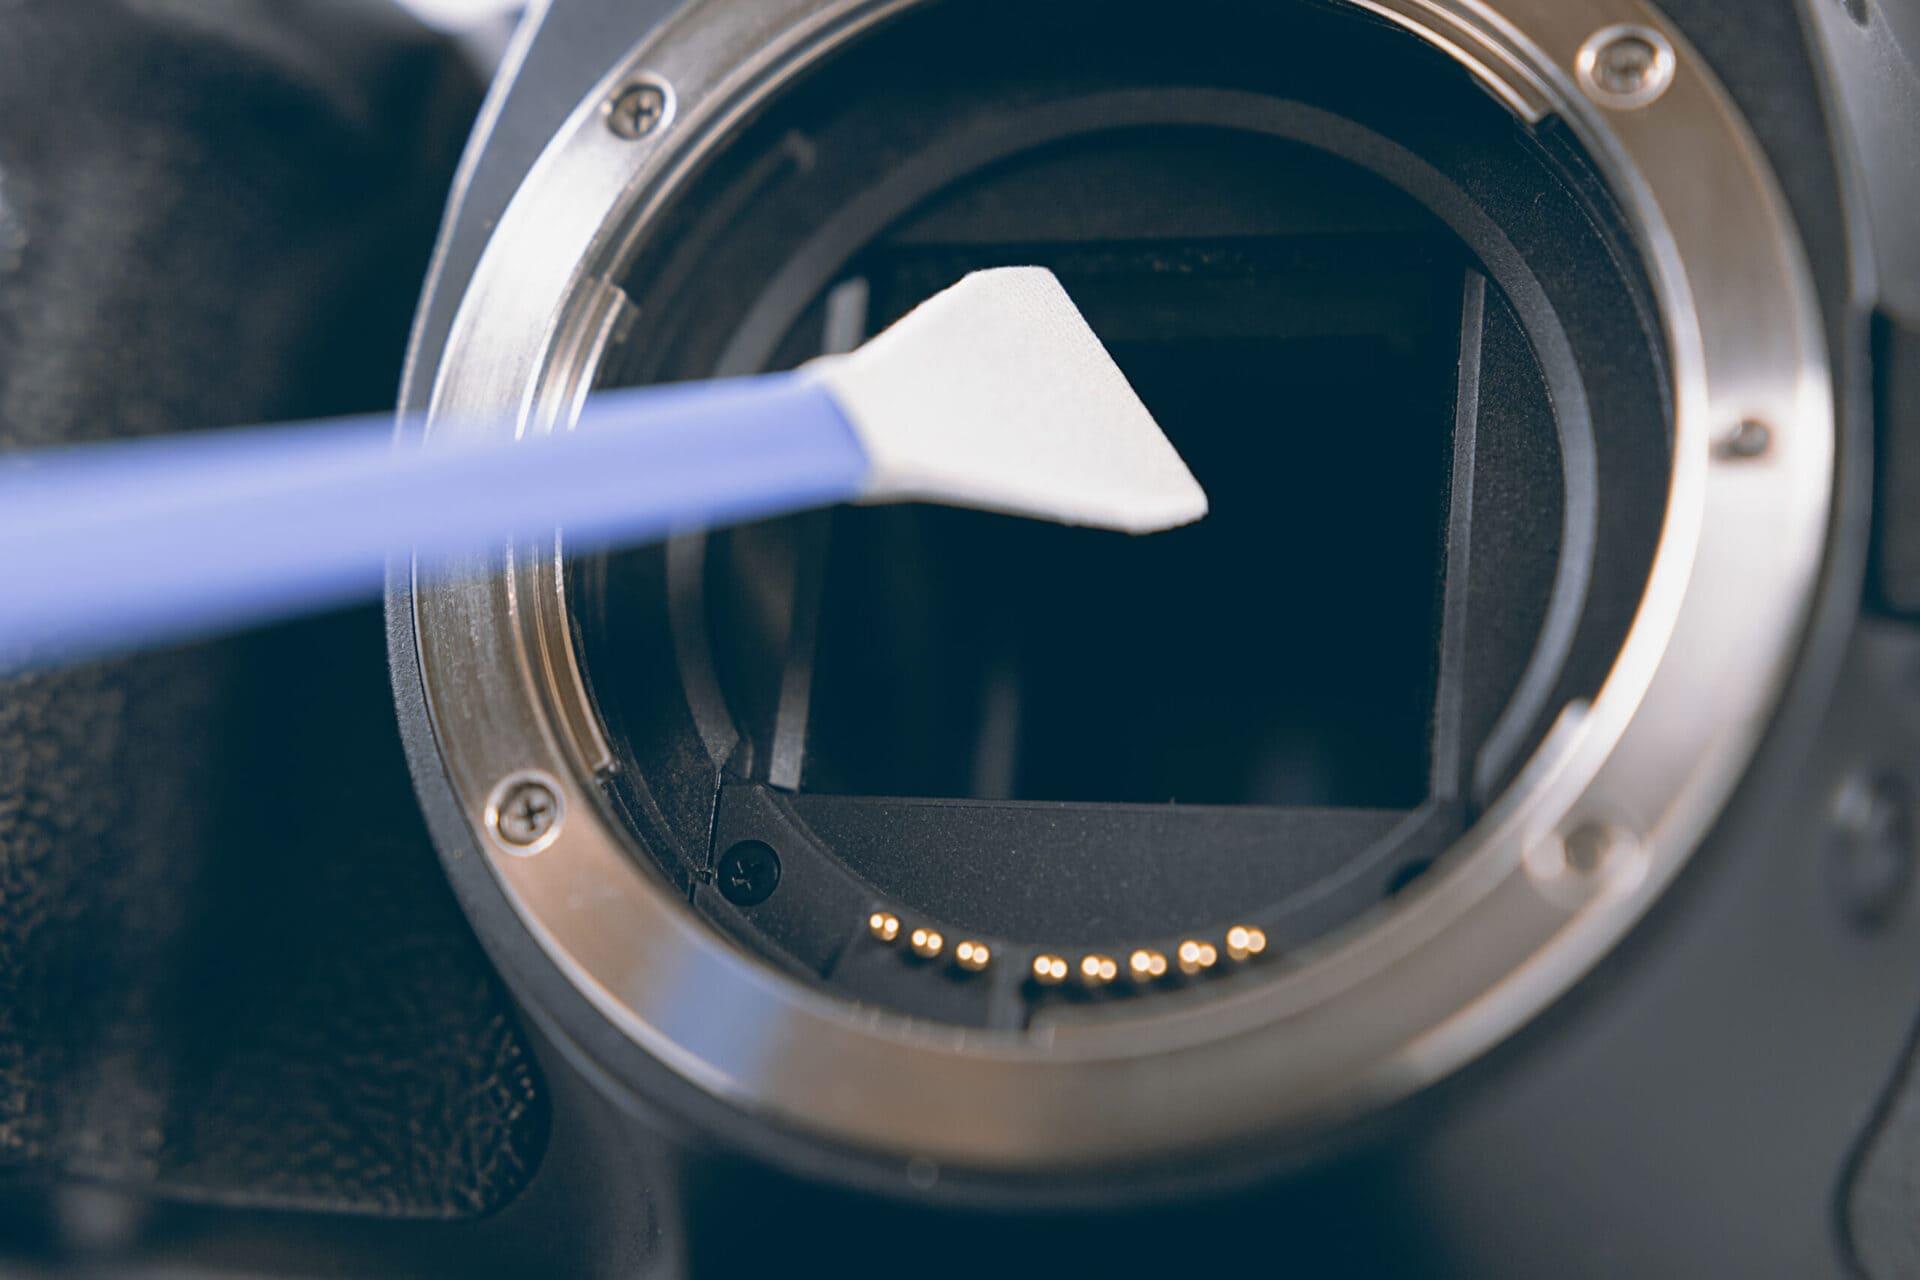 Czyszczenie matrycy aparatu fotograficznego